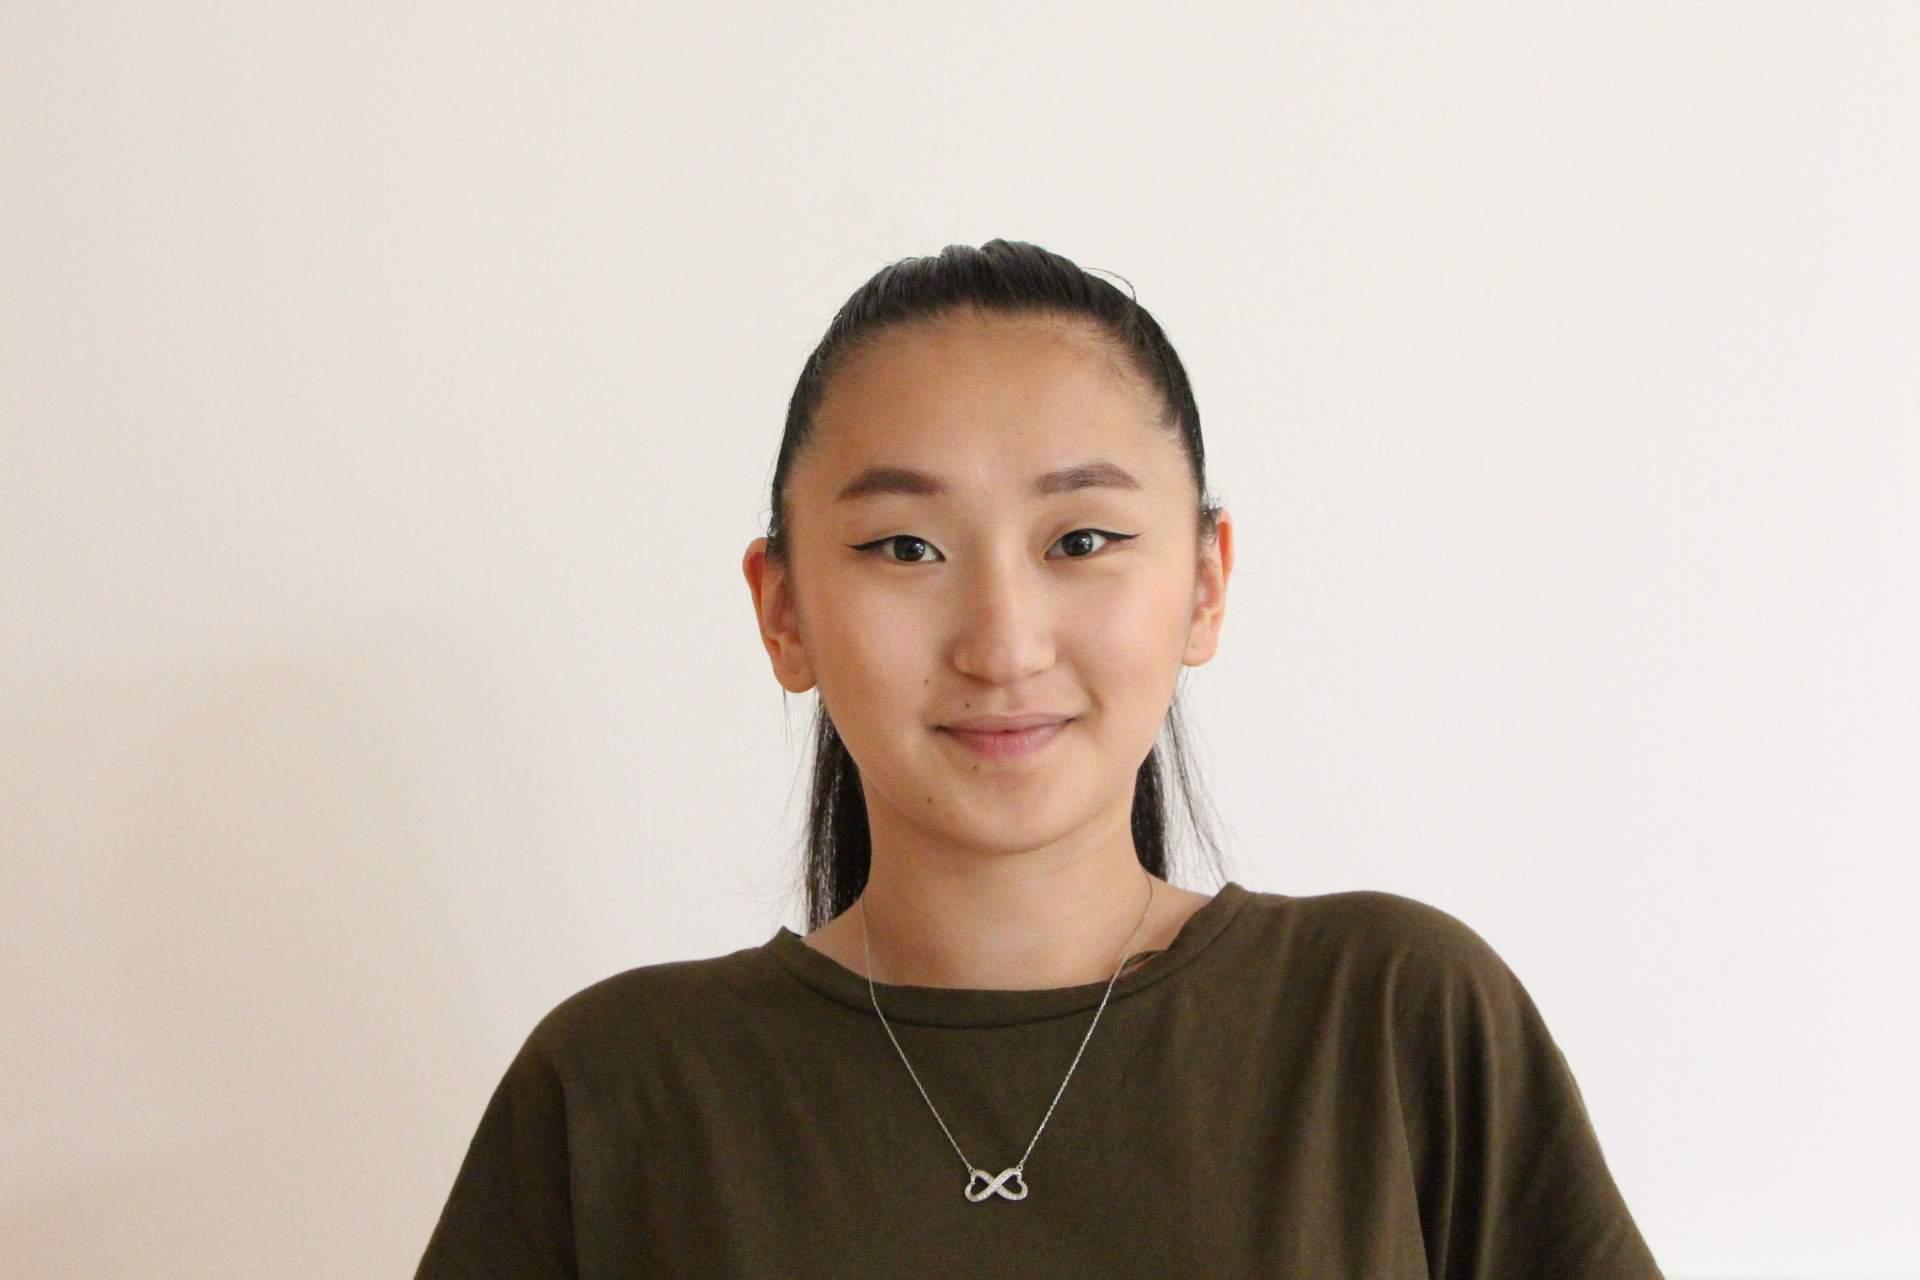 Yumjirmaa Ochirsuren se do České republiky přistěhovala s rodiči ještě jako malé dítě.